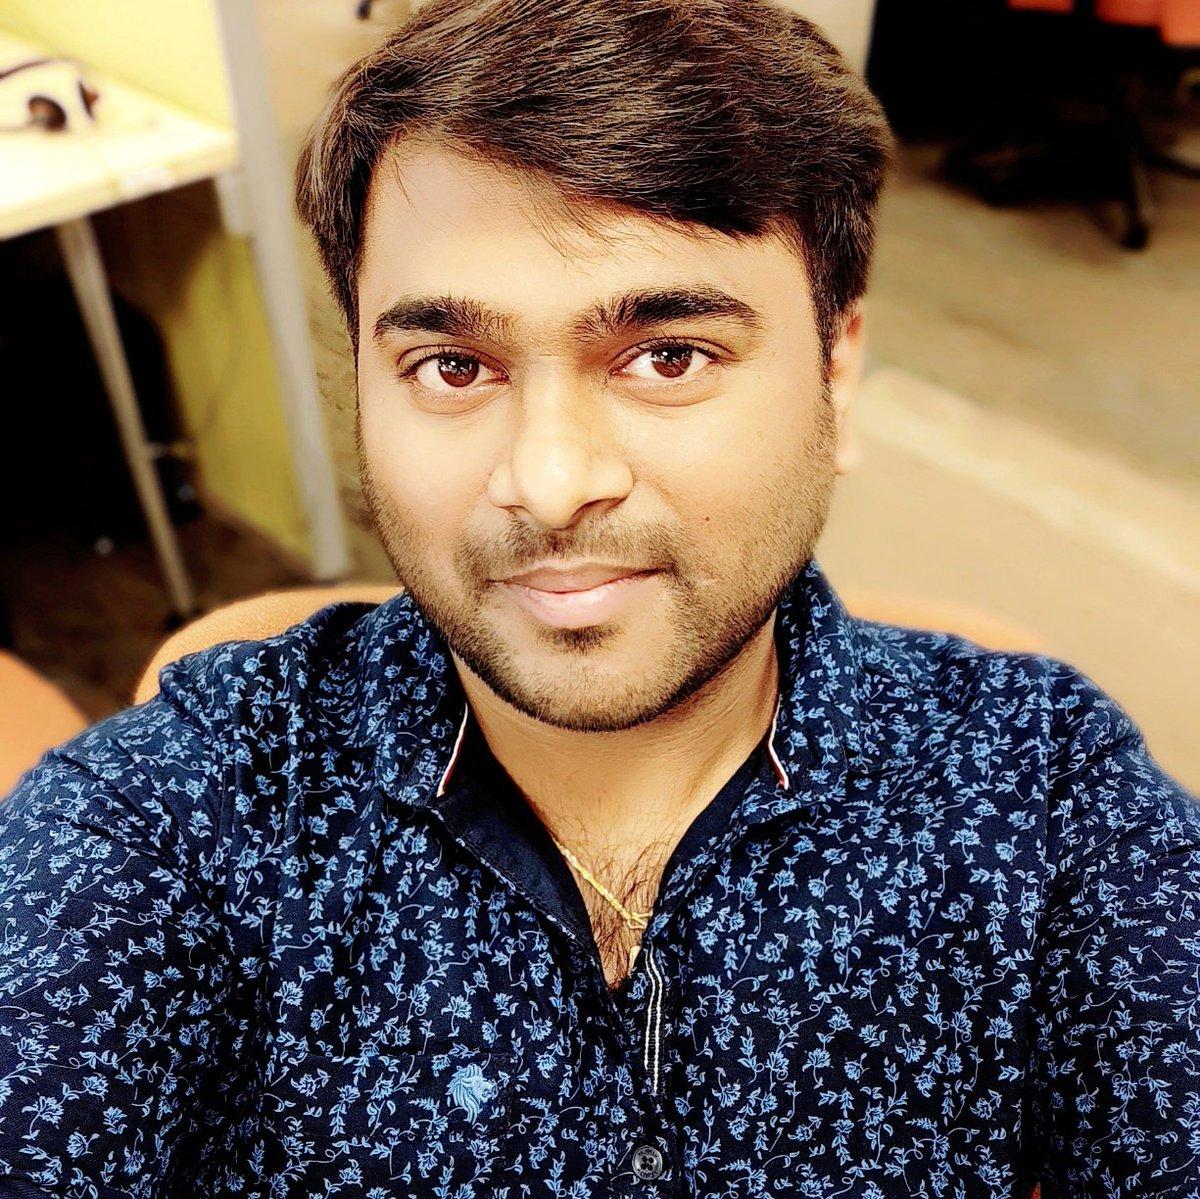 sunil hm (@tweet_suni) on Twitter